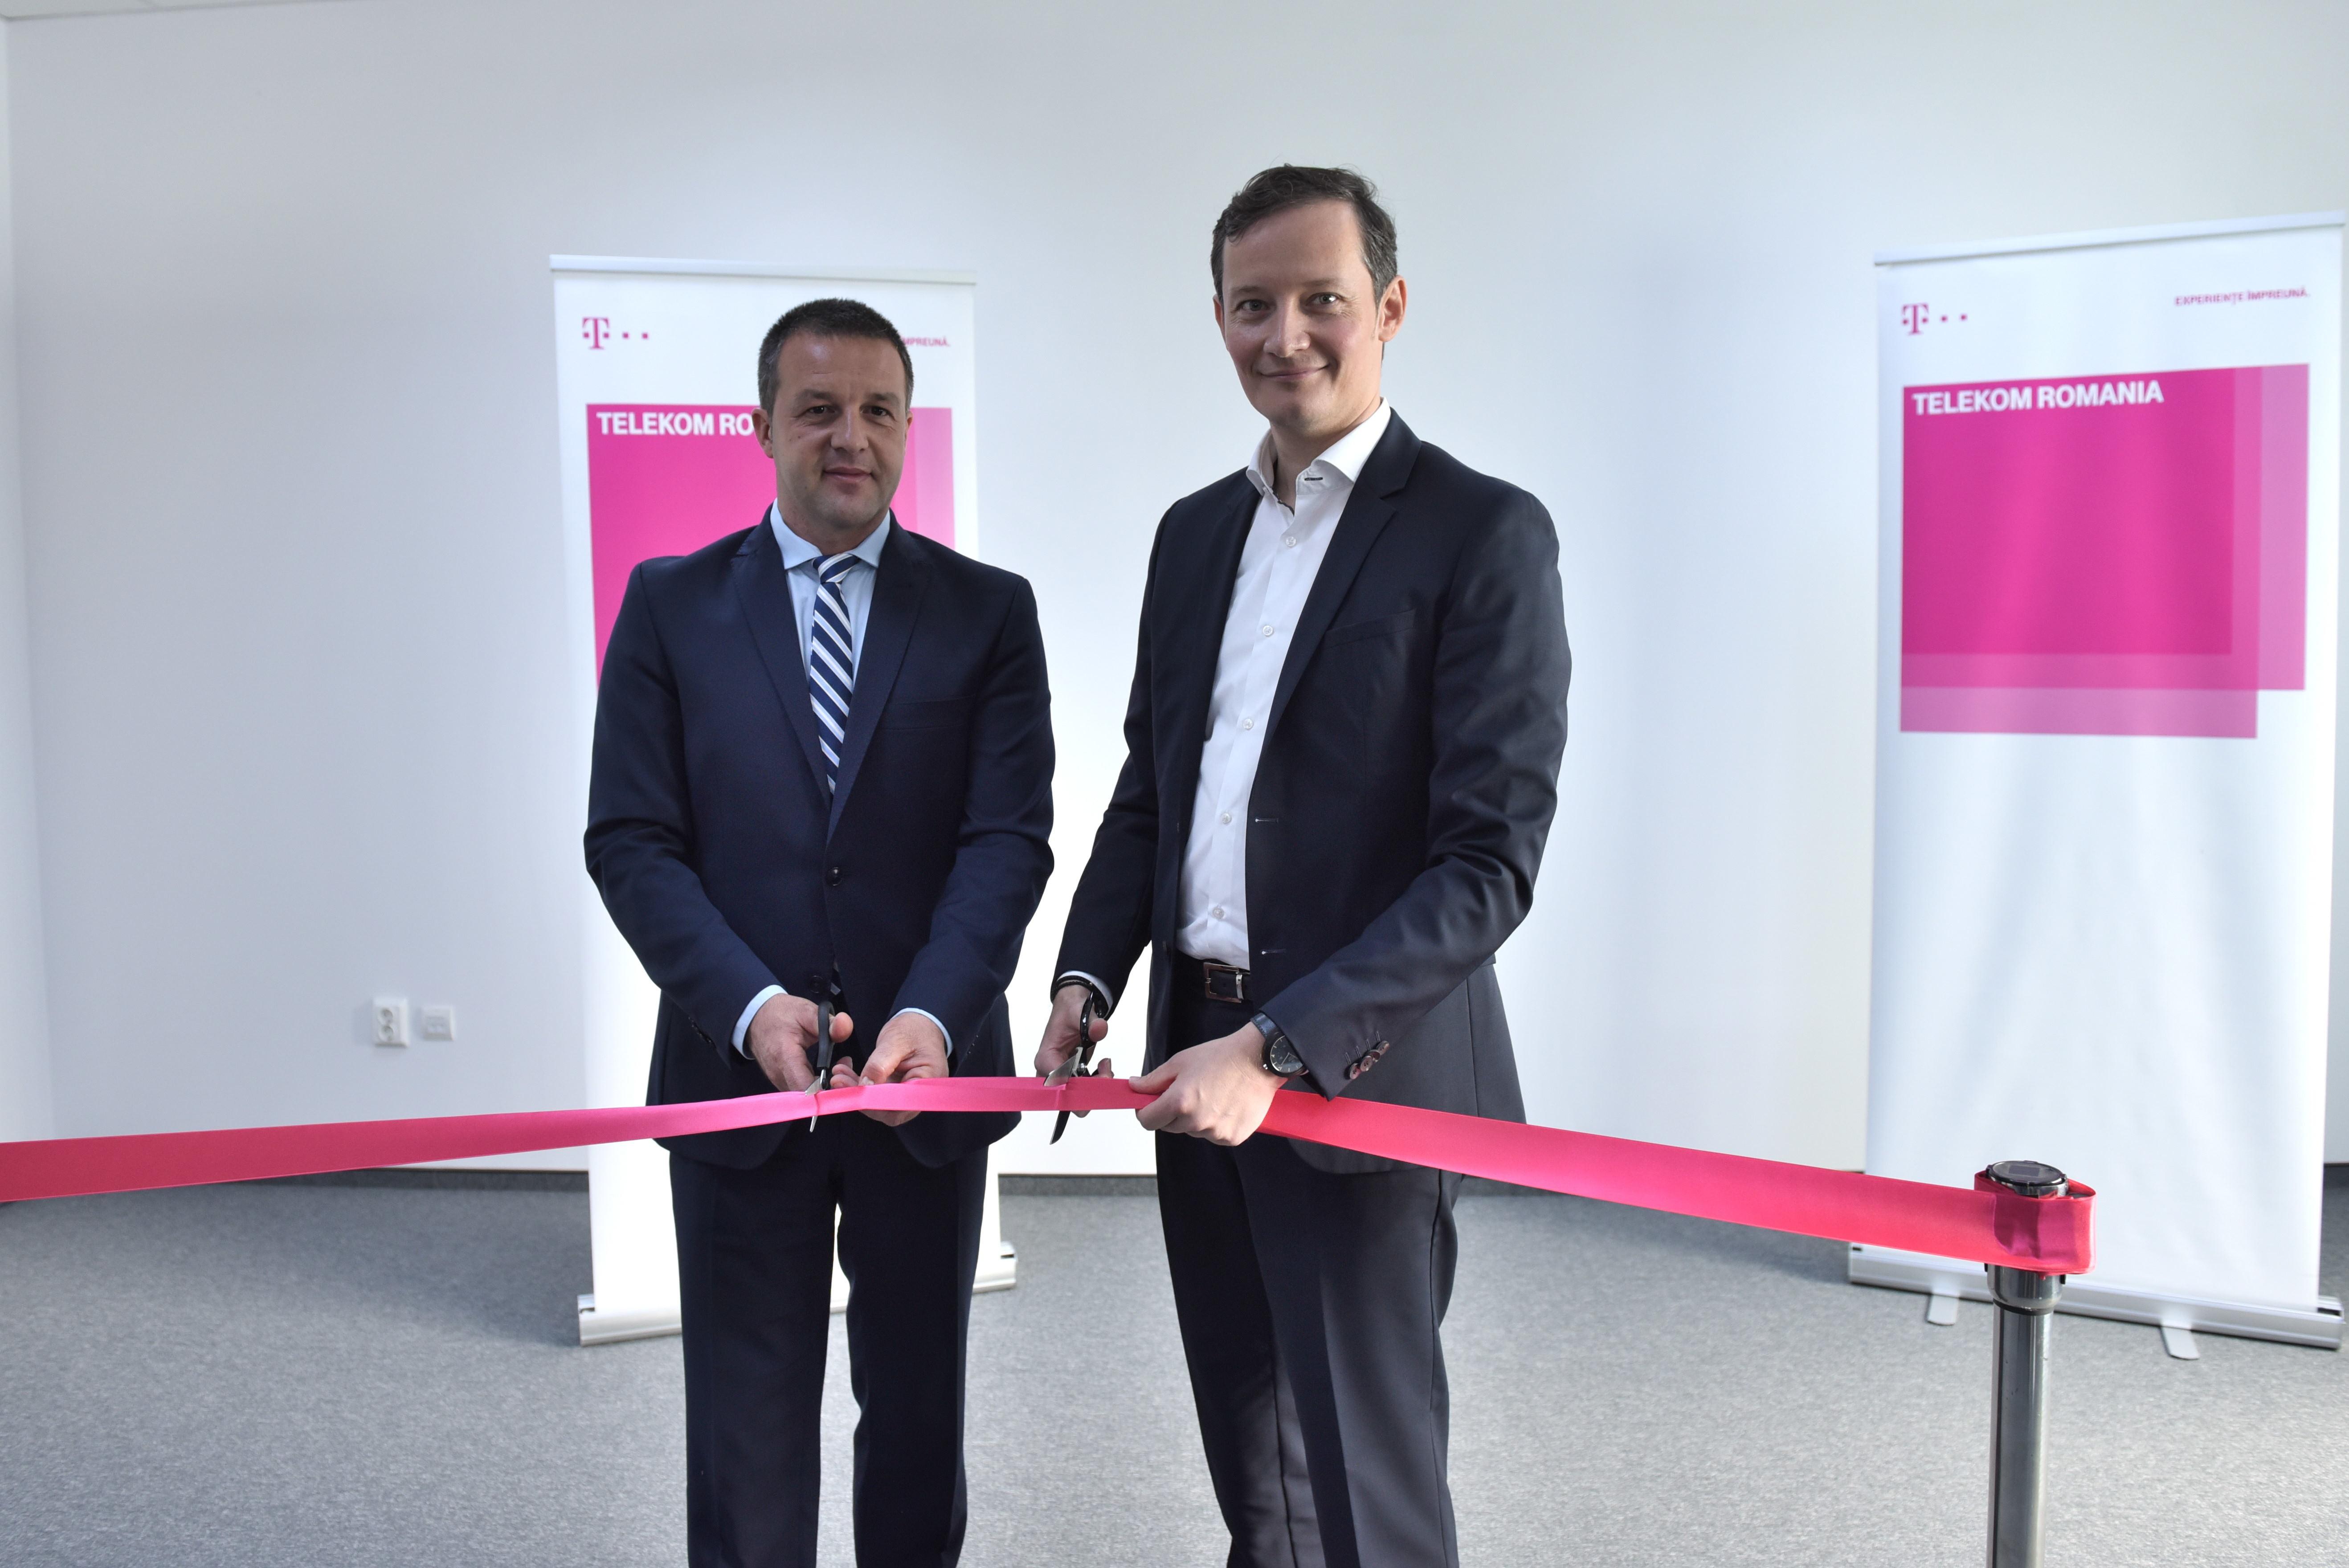 inaugurare centru Telekom Braila 3